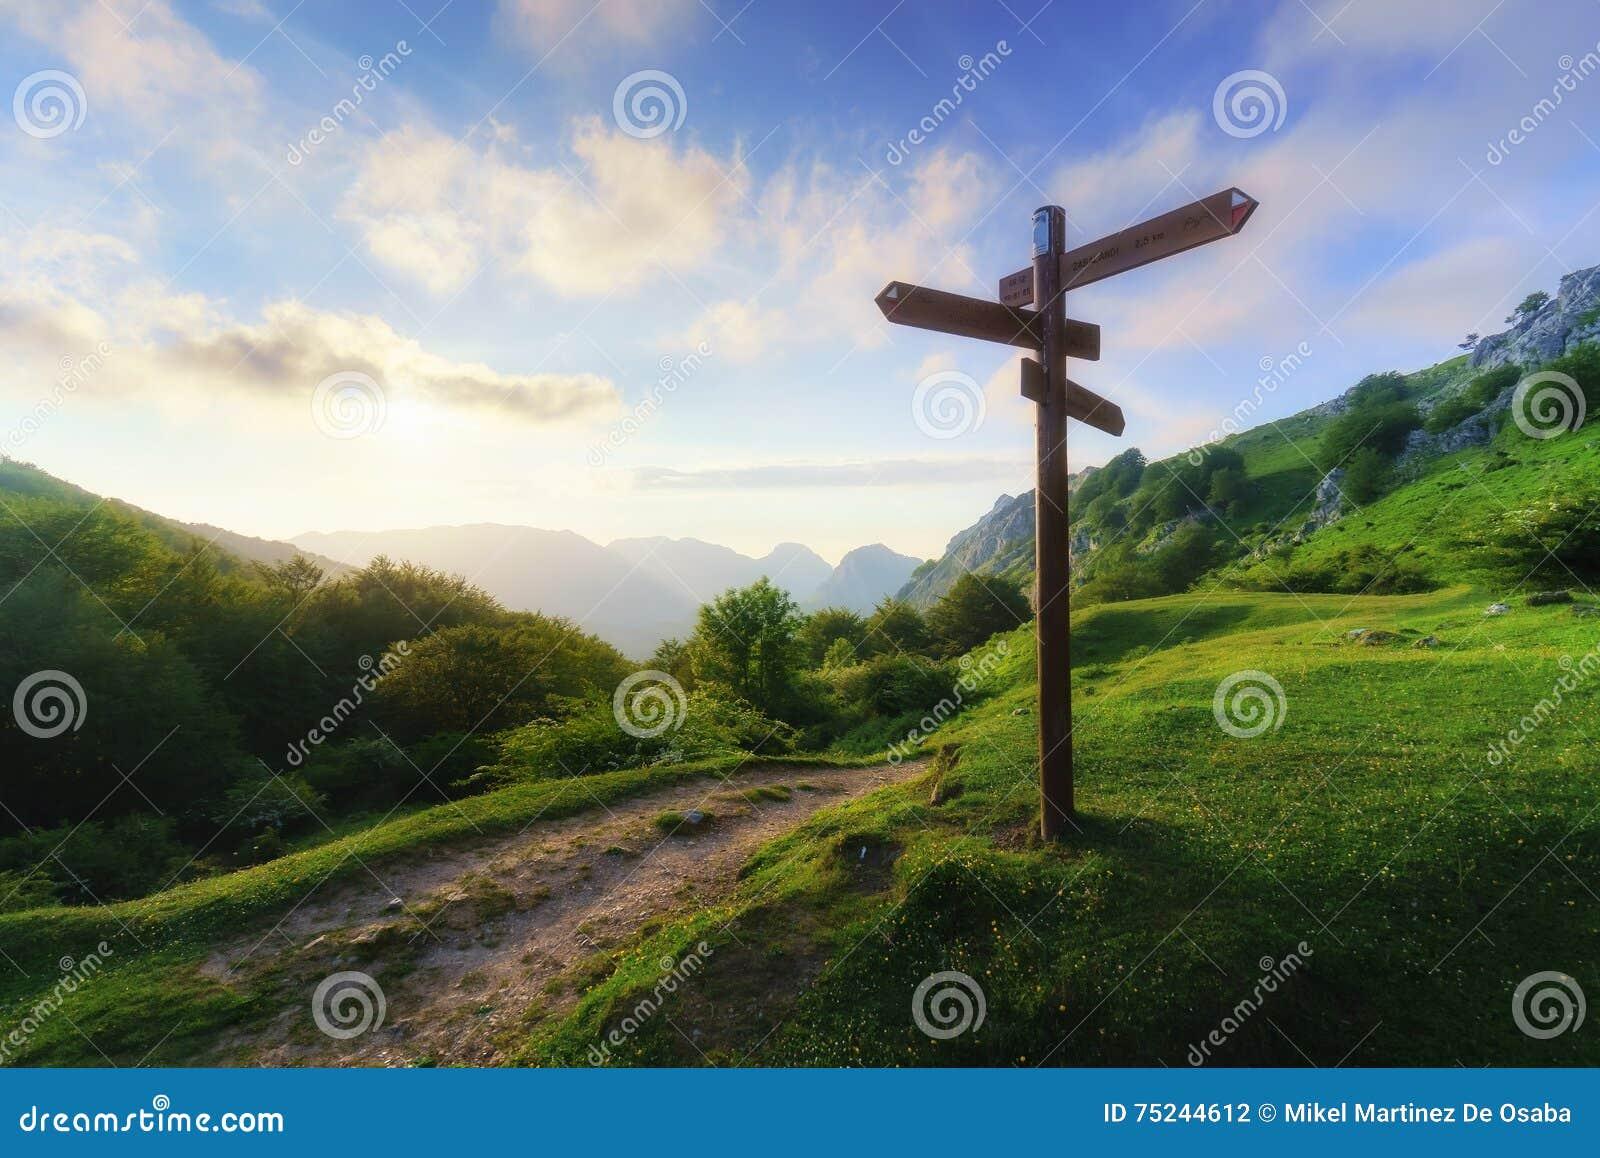 Poteau indicateur en montagne